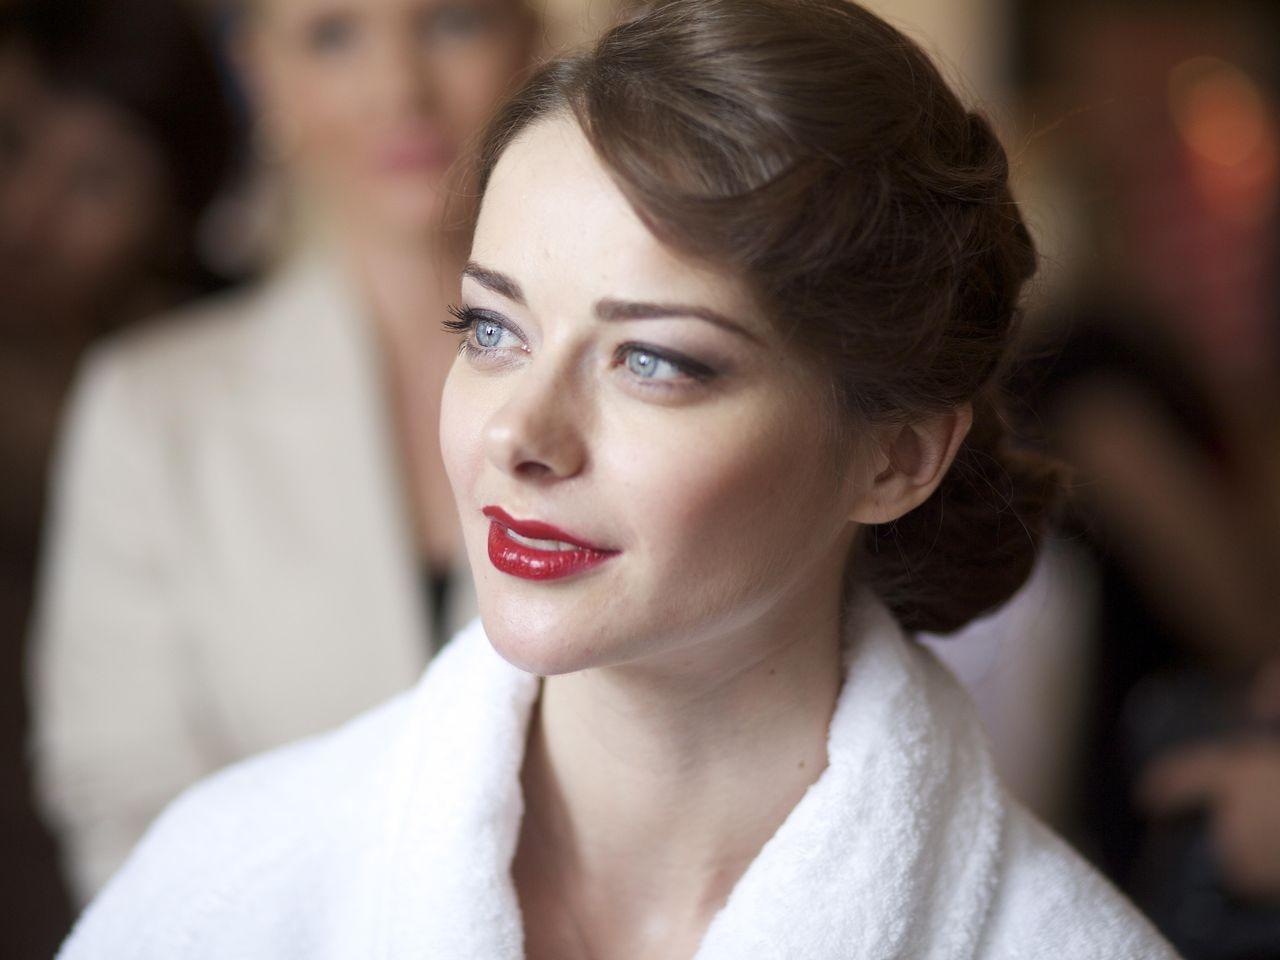 Марина Александрова впервые показала лицо